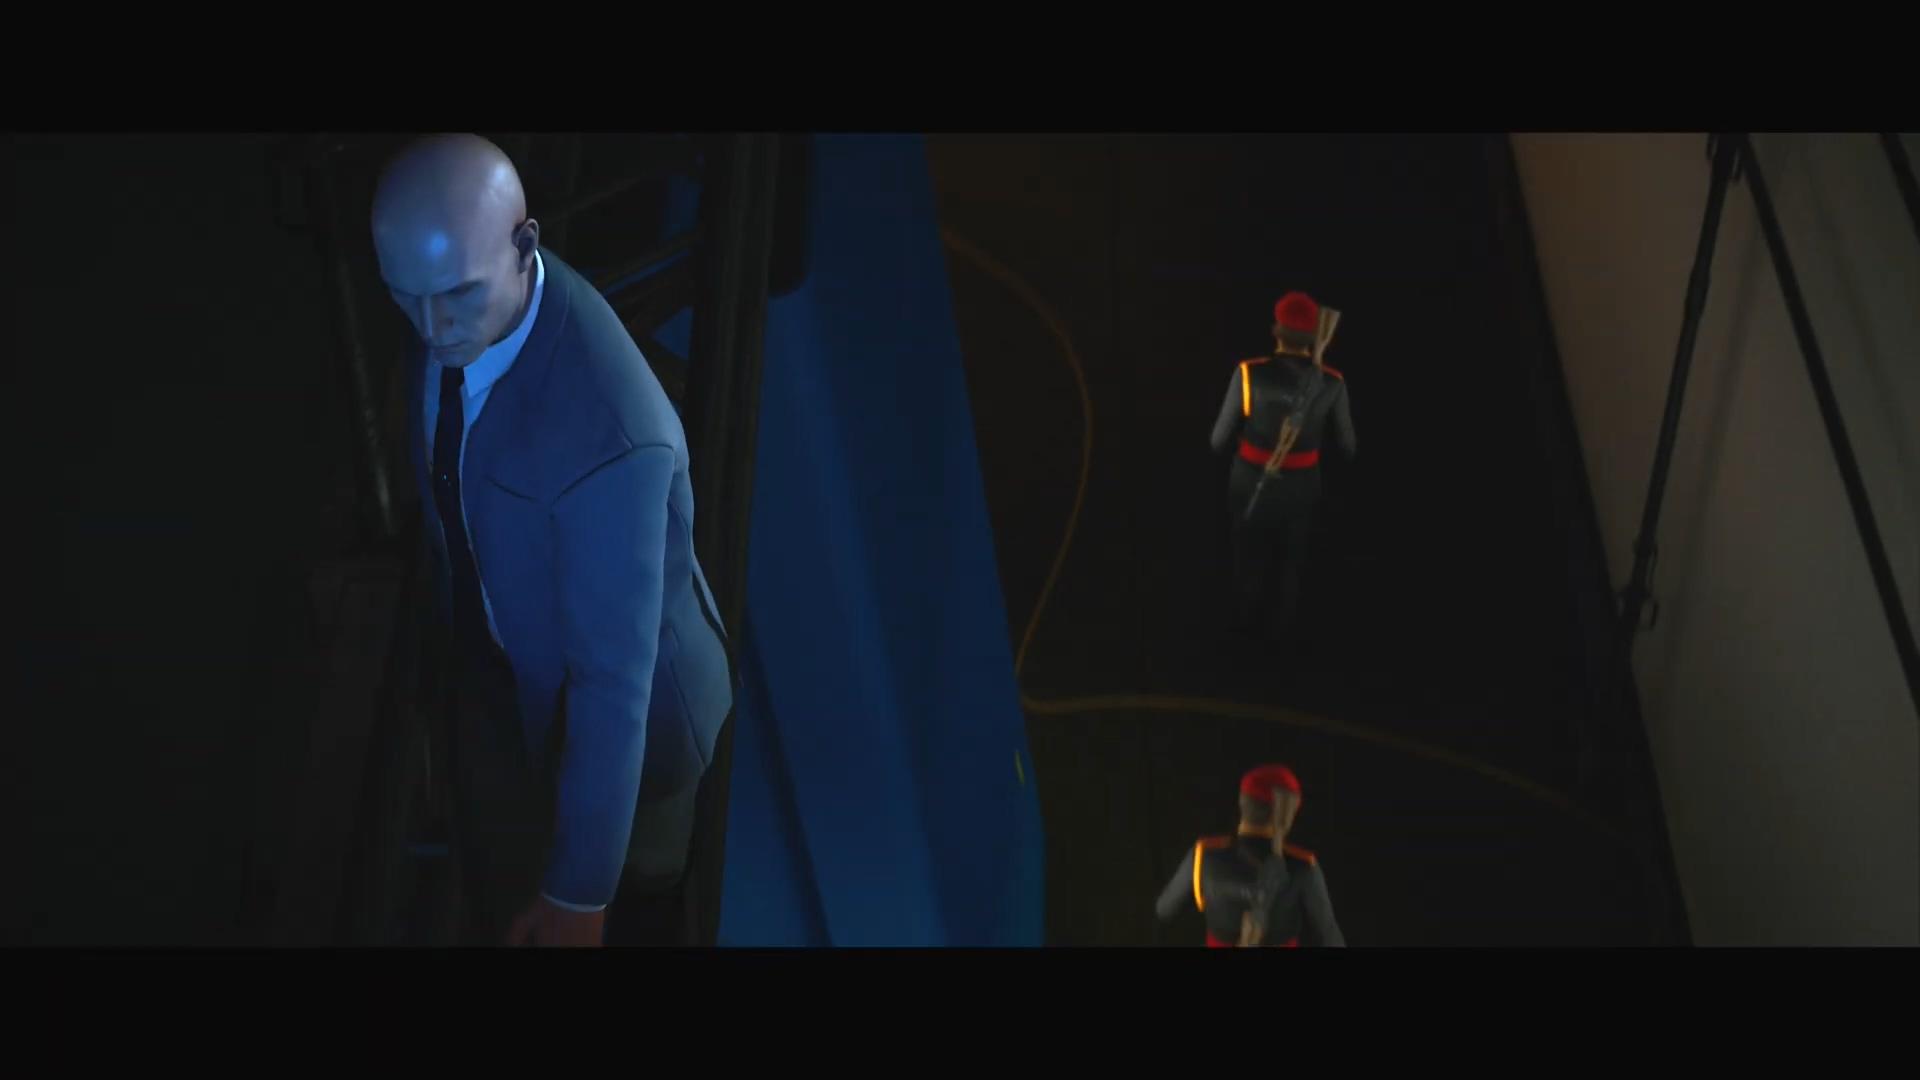 《杀手3》全新预告公开 灵活应用装备完成刺杀任务